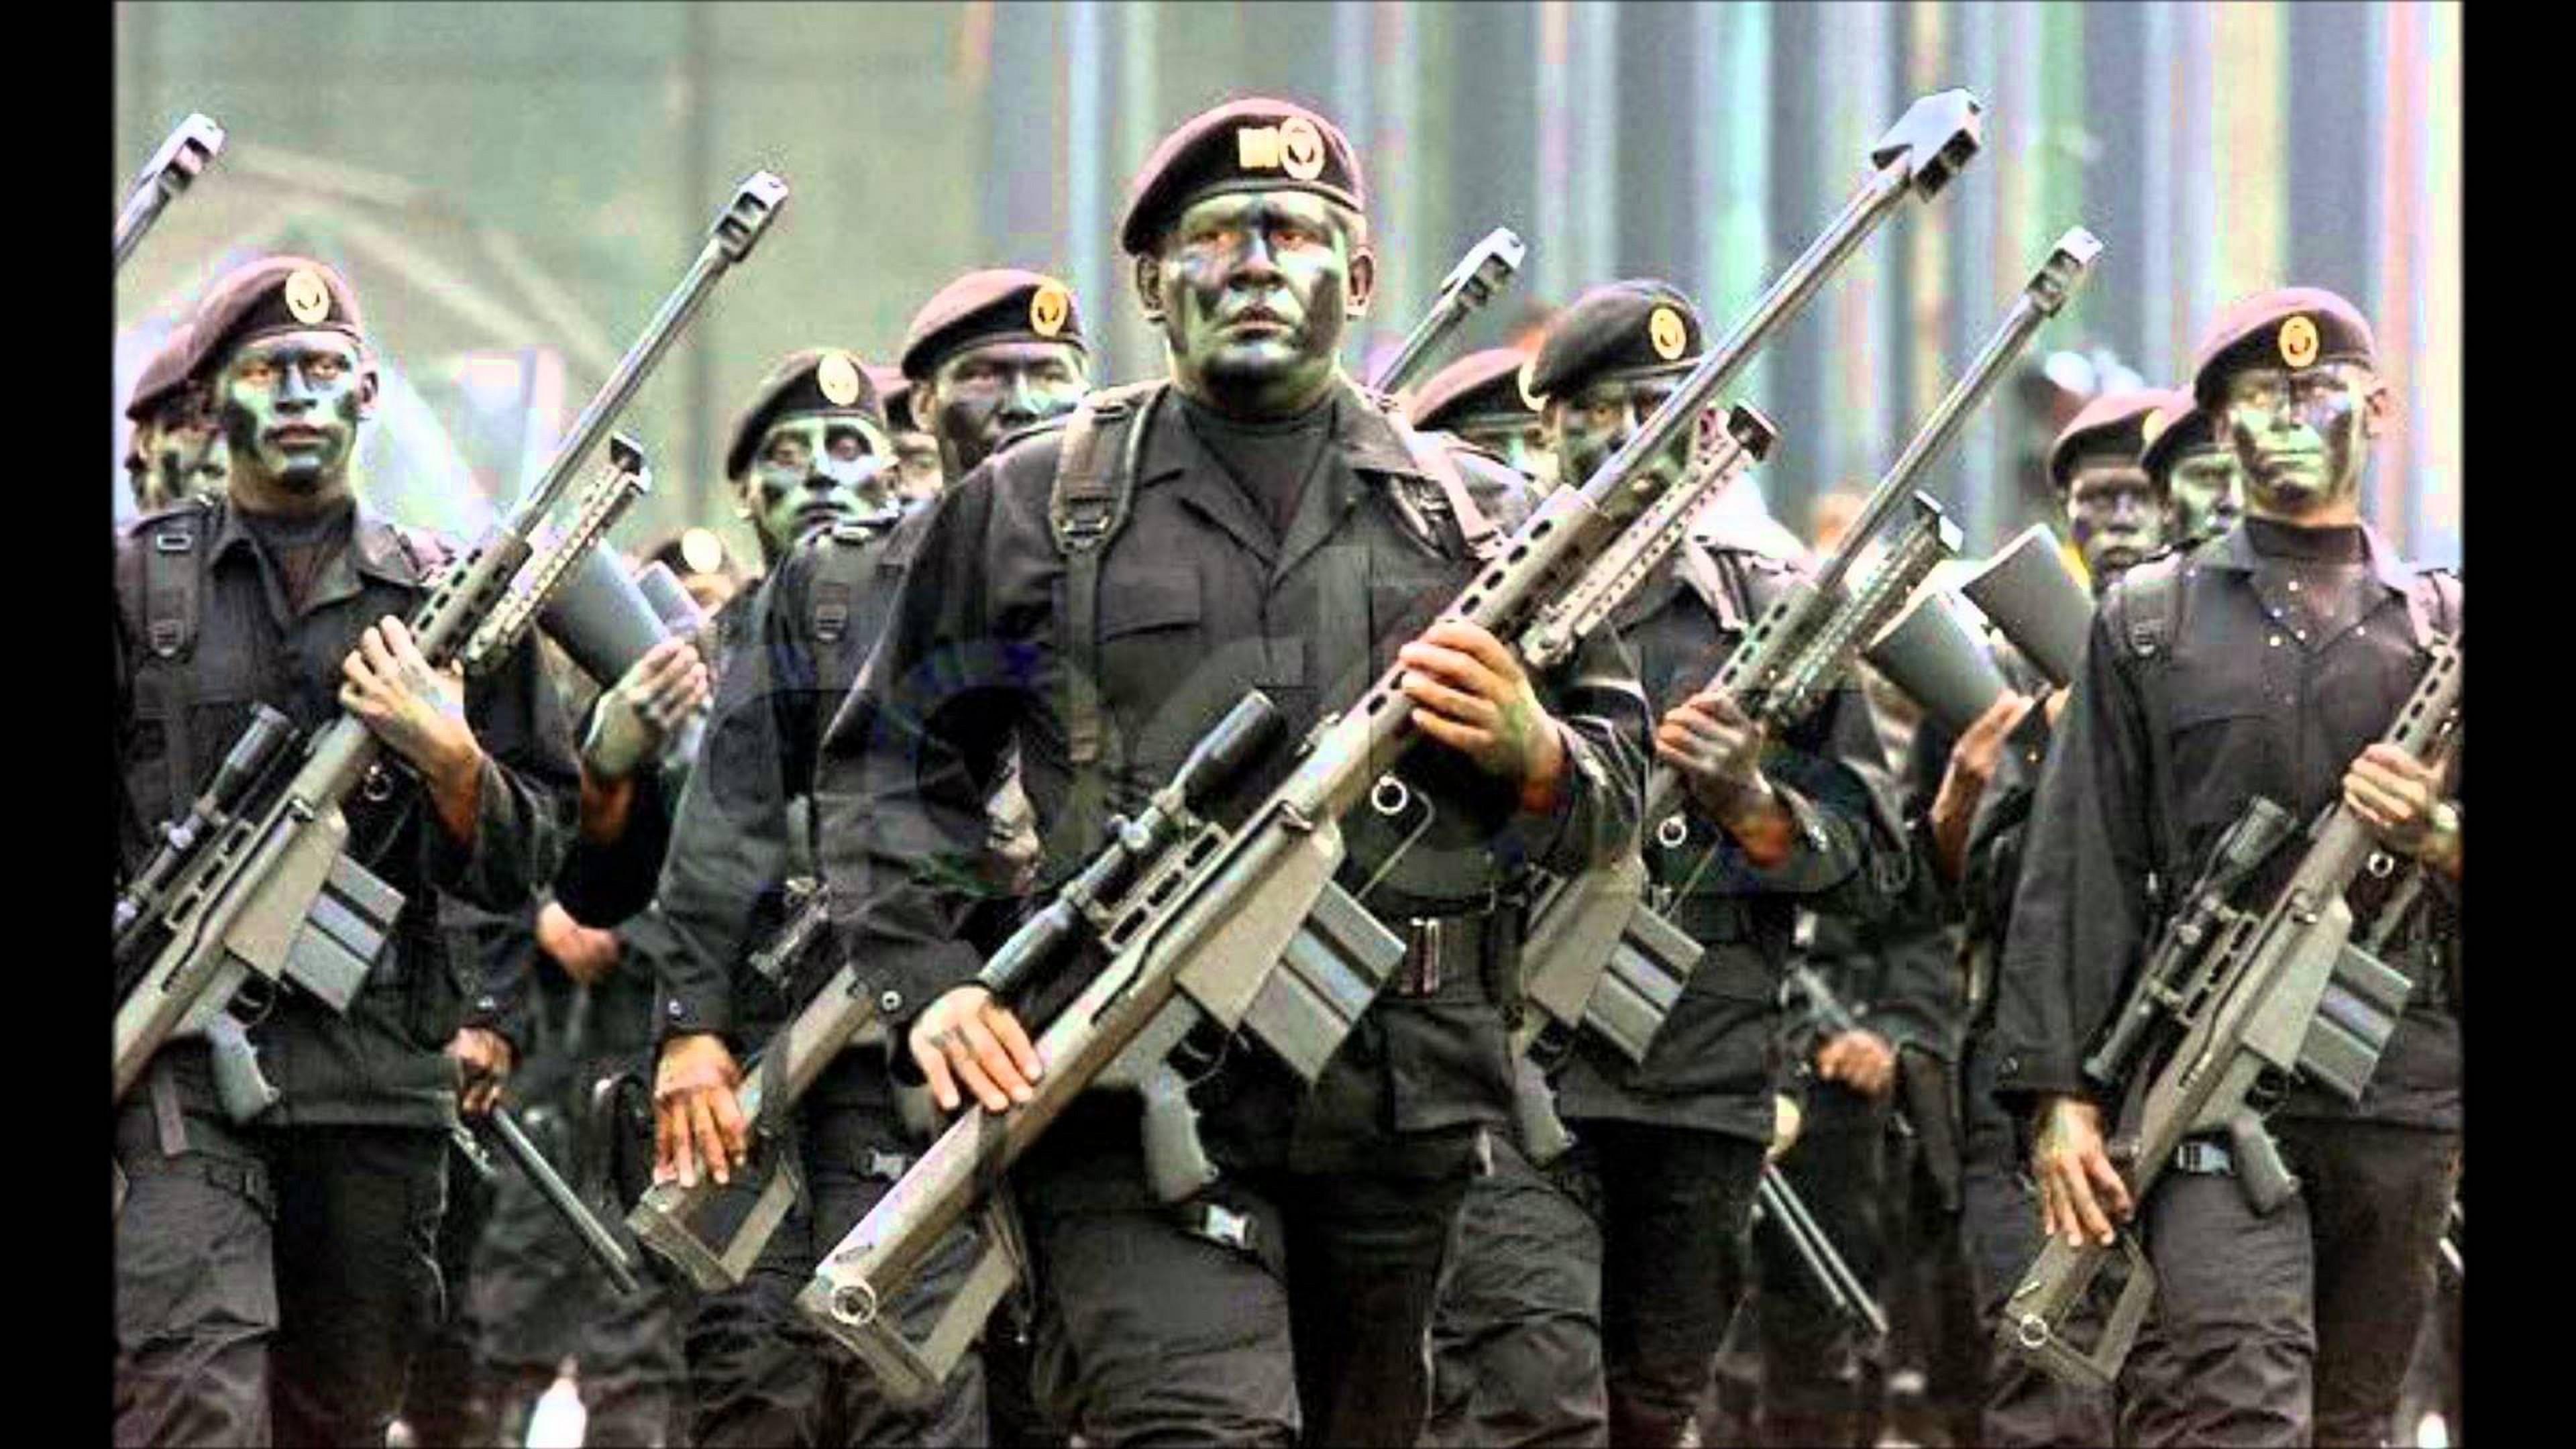 Fuerzas Especiales Más Letales Del Mundo. Fuerzas especiales de México